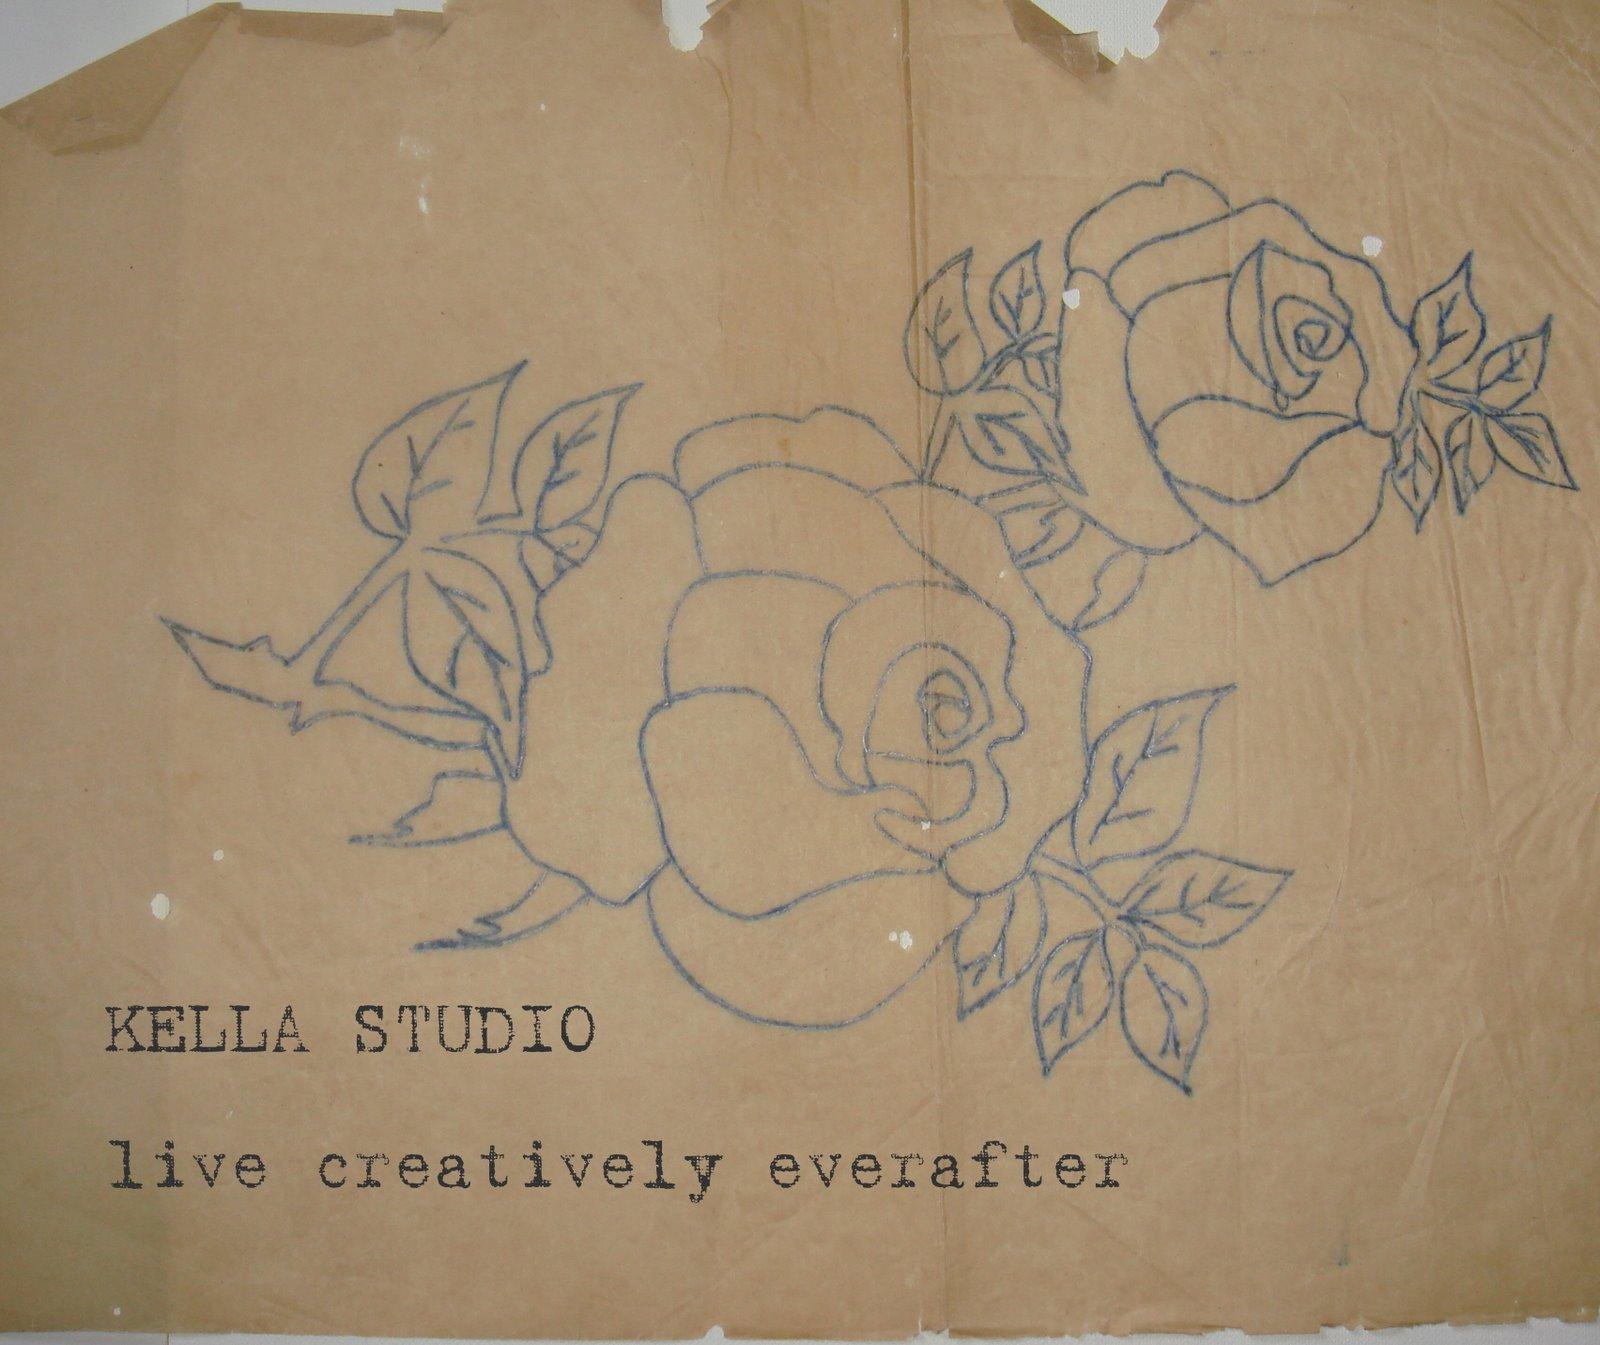 Kella Studio